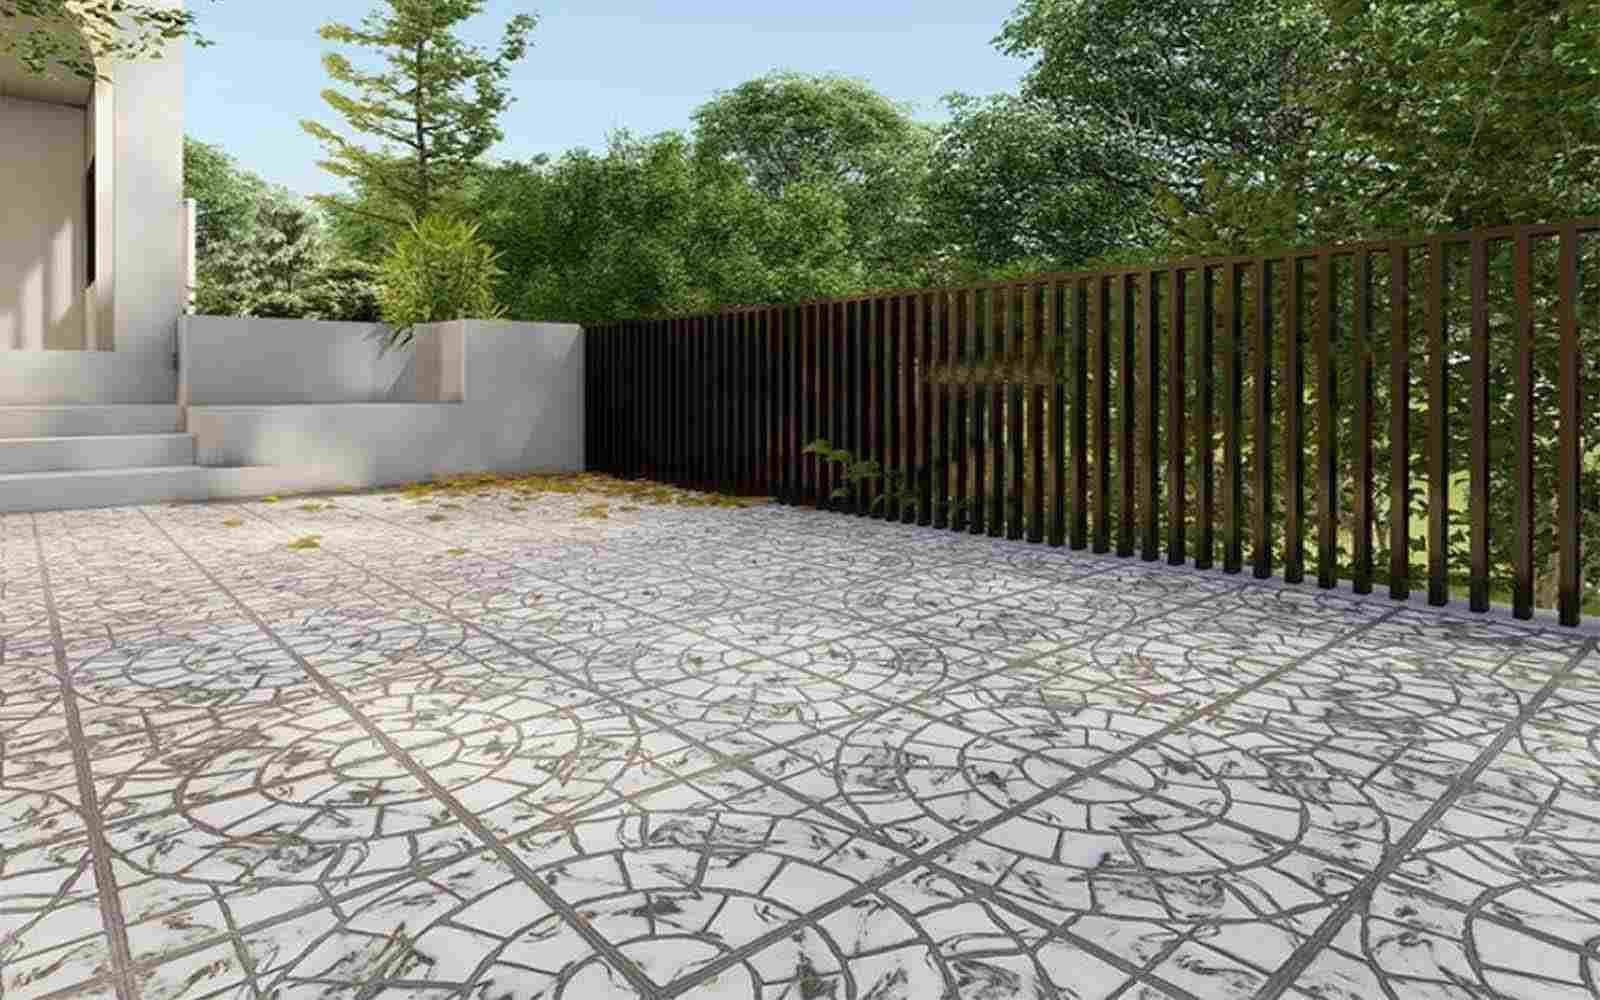 Gạch Vitto lát sân nhà làm tăng vẻ đẹp thẩm mỹ mặt tiền